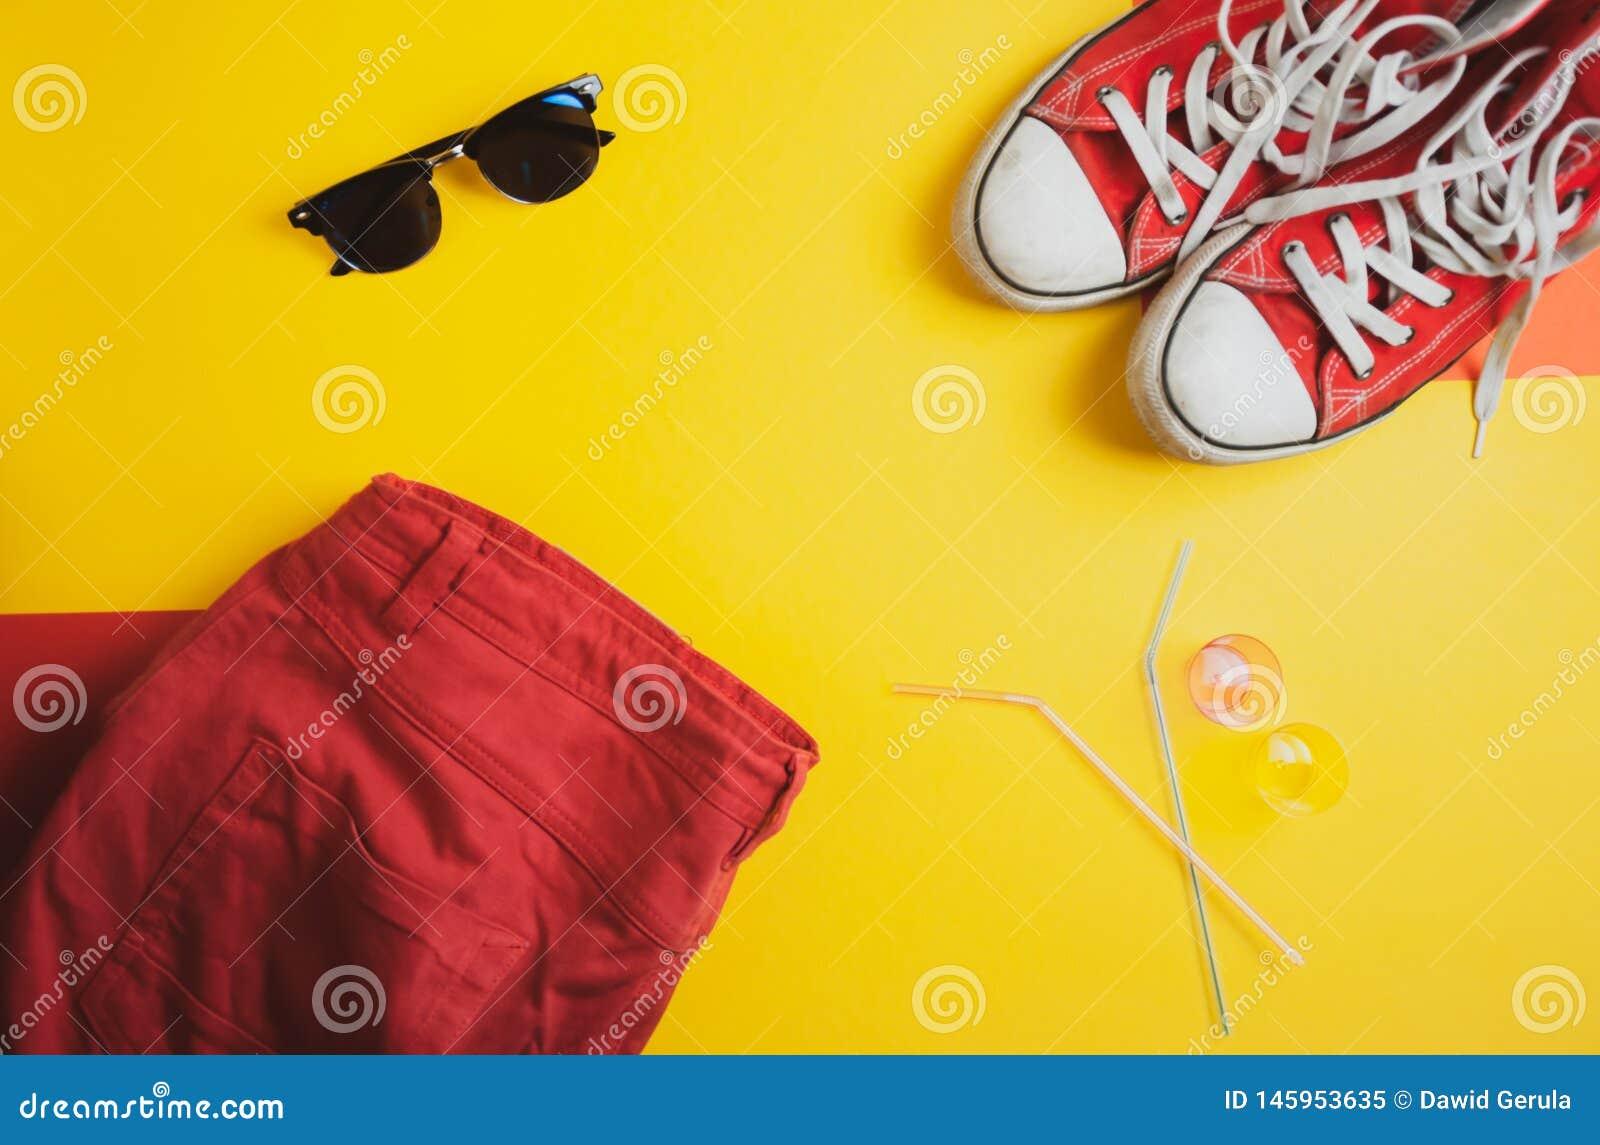 Draufsicht von roten Turnschuhen, von roten kurzen Hosen und von Sonnenbrille auf gelbem Hintergrund